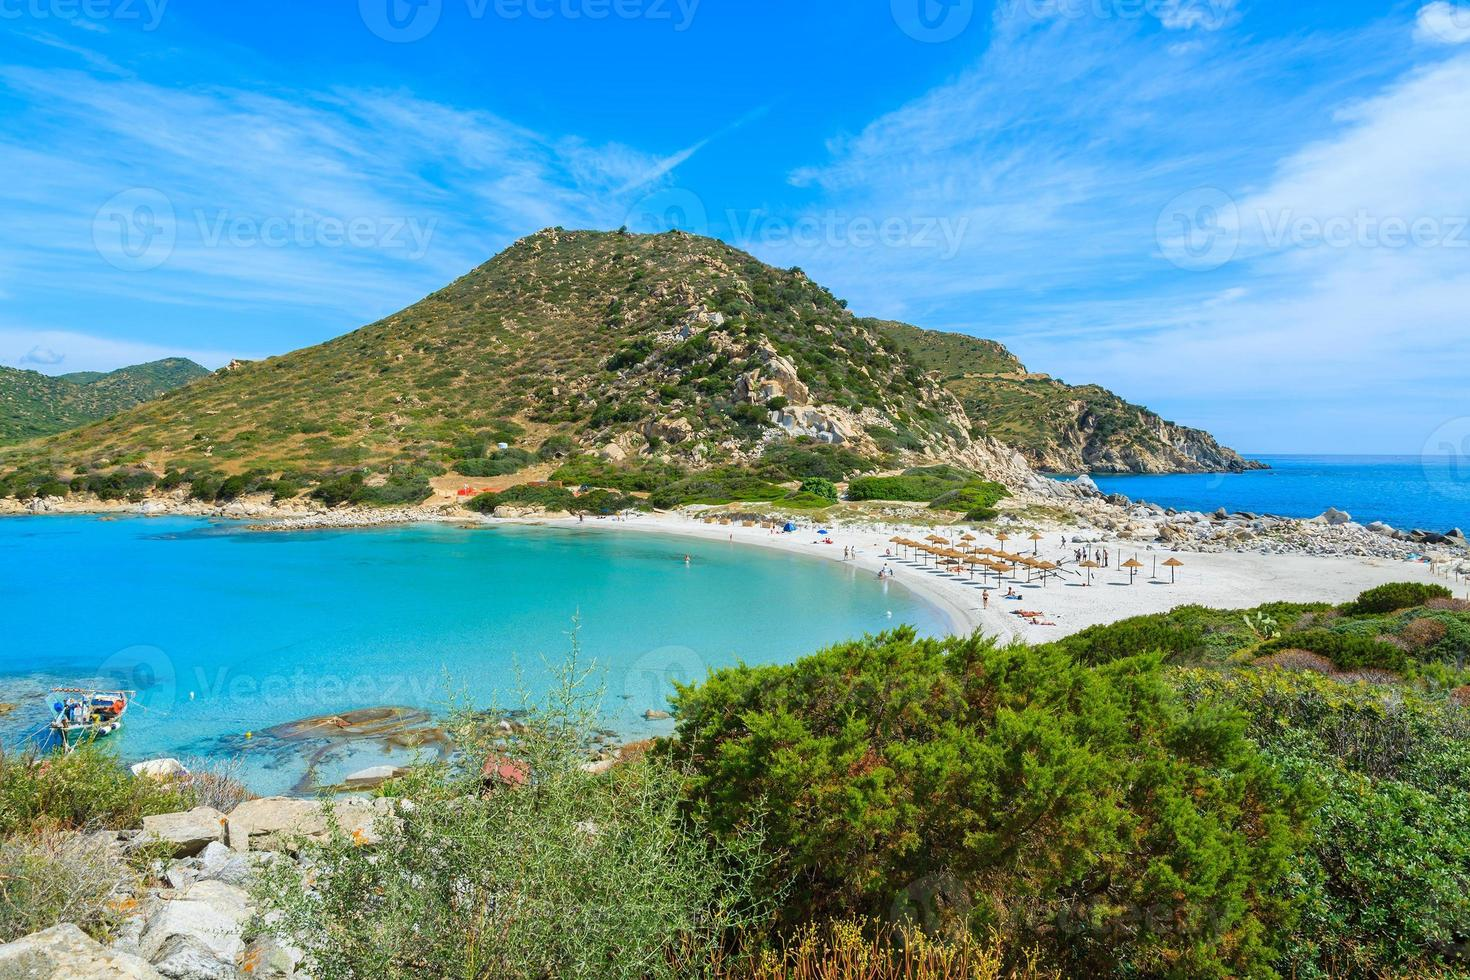 Strand an der Bucht von Punta Molentis am sonnigen Tag, Insel Sardinien foto